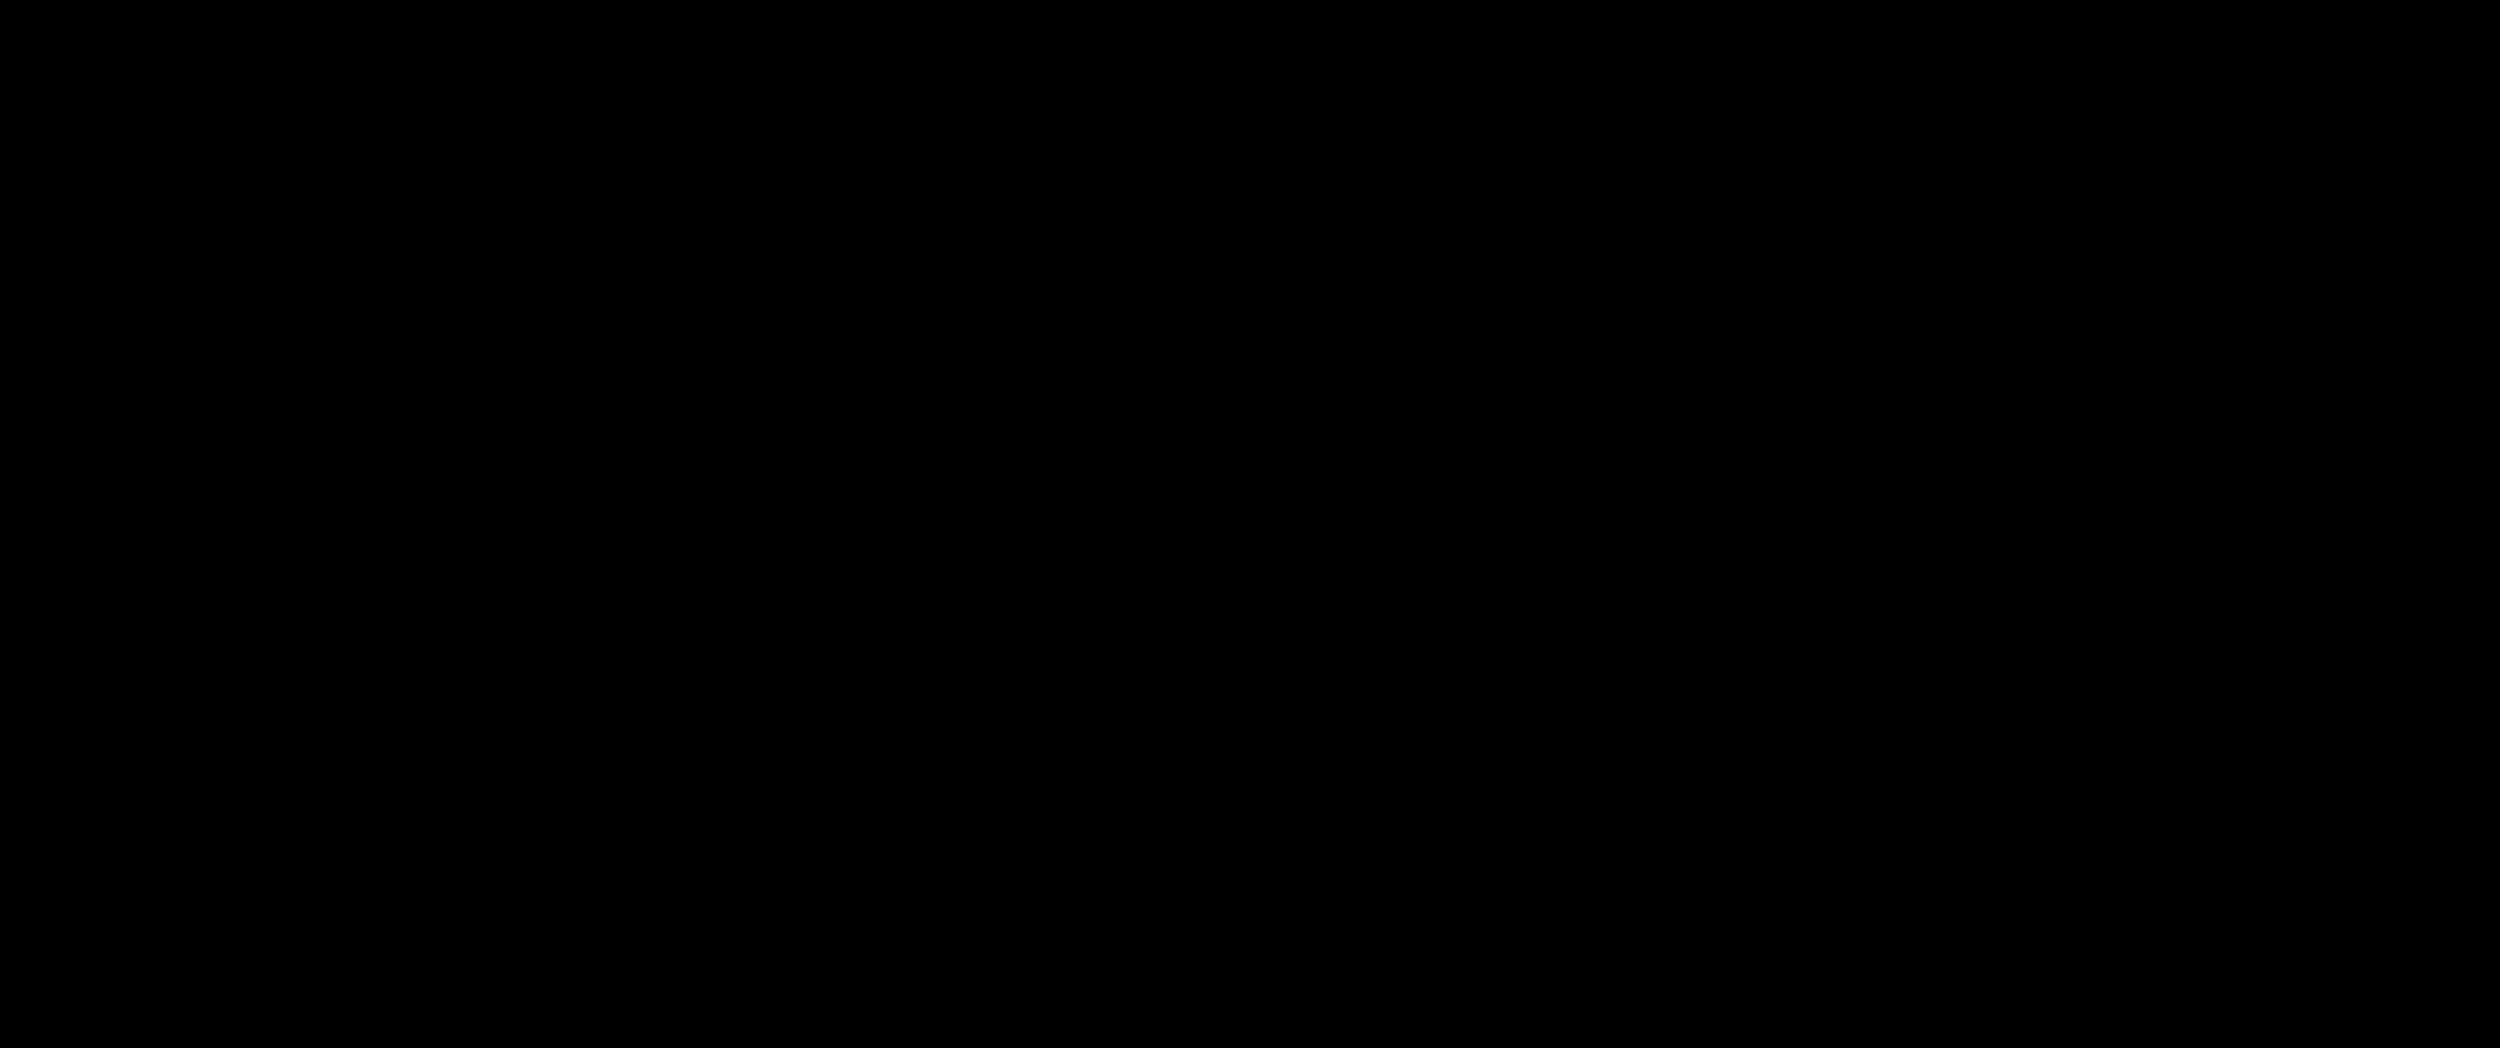 Jackie O's Brewery Logo - Sophia K.png